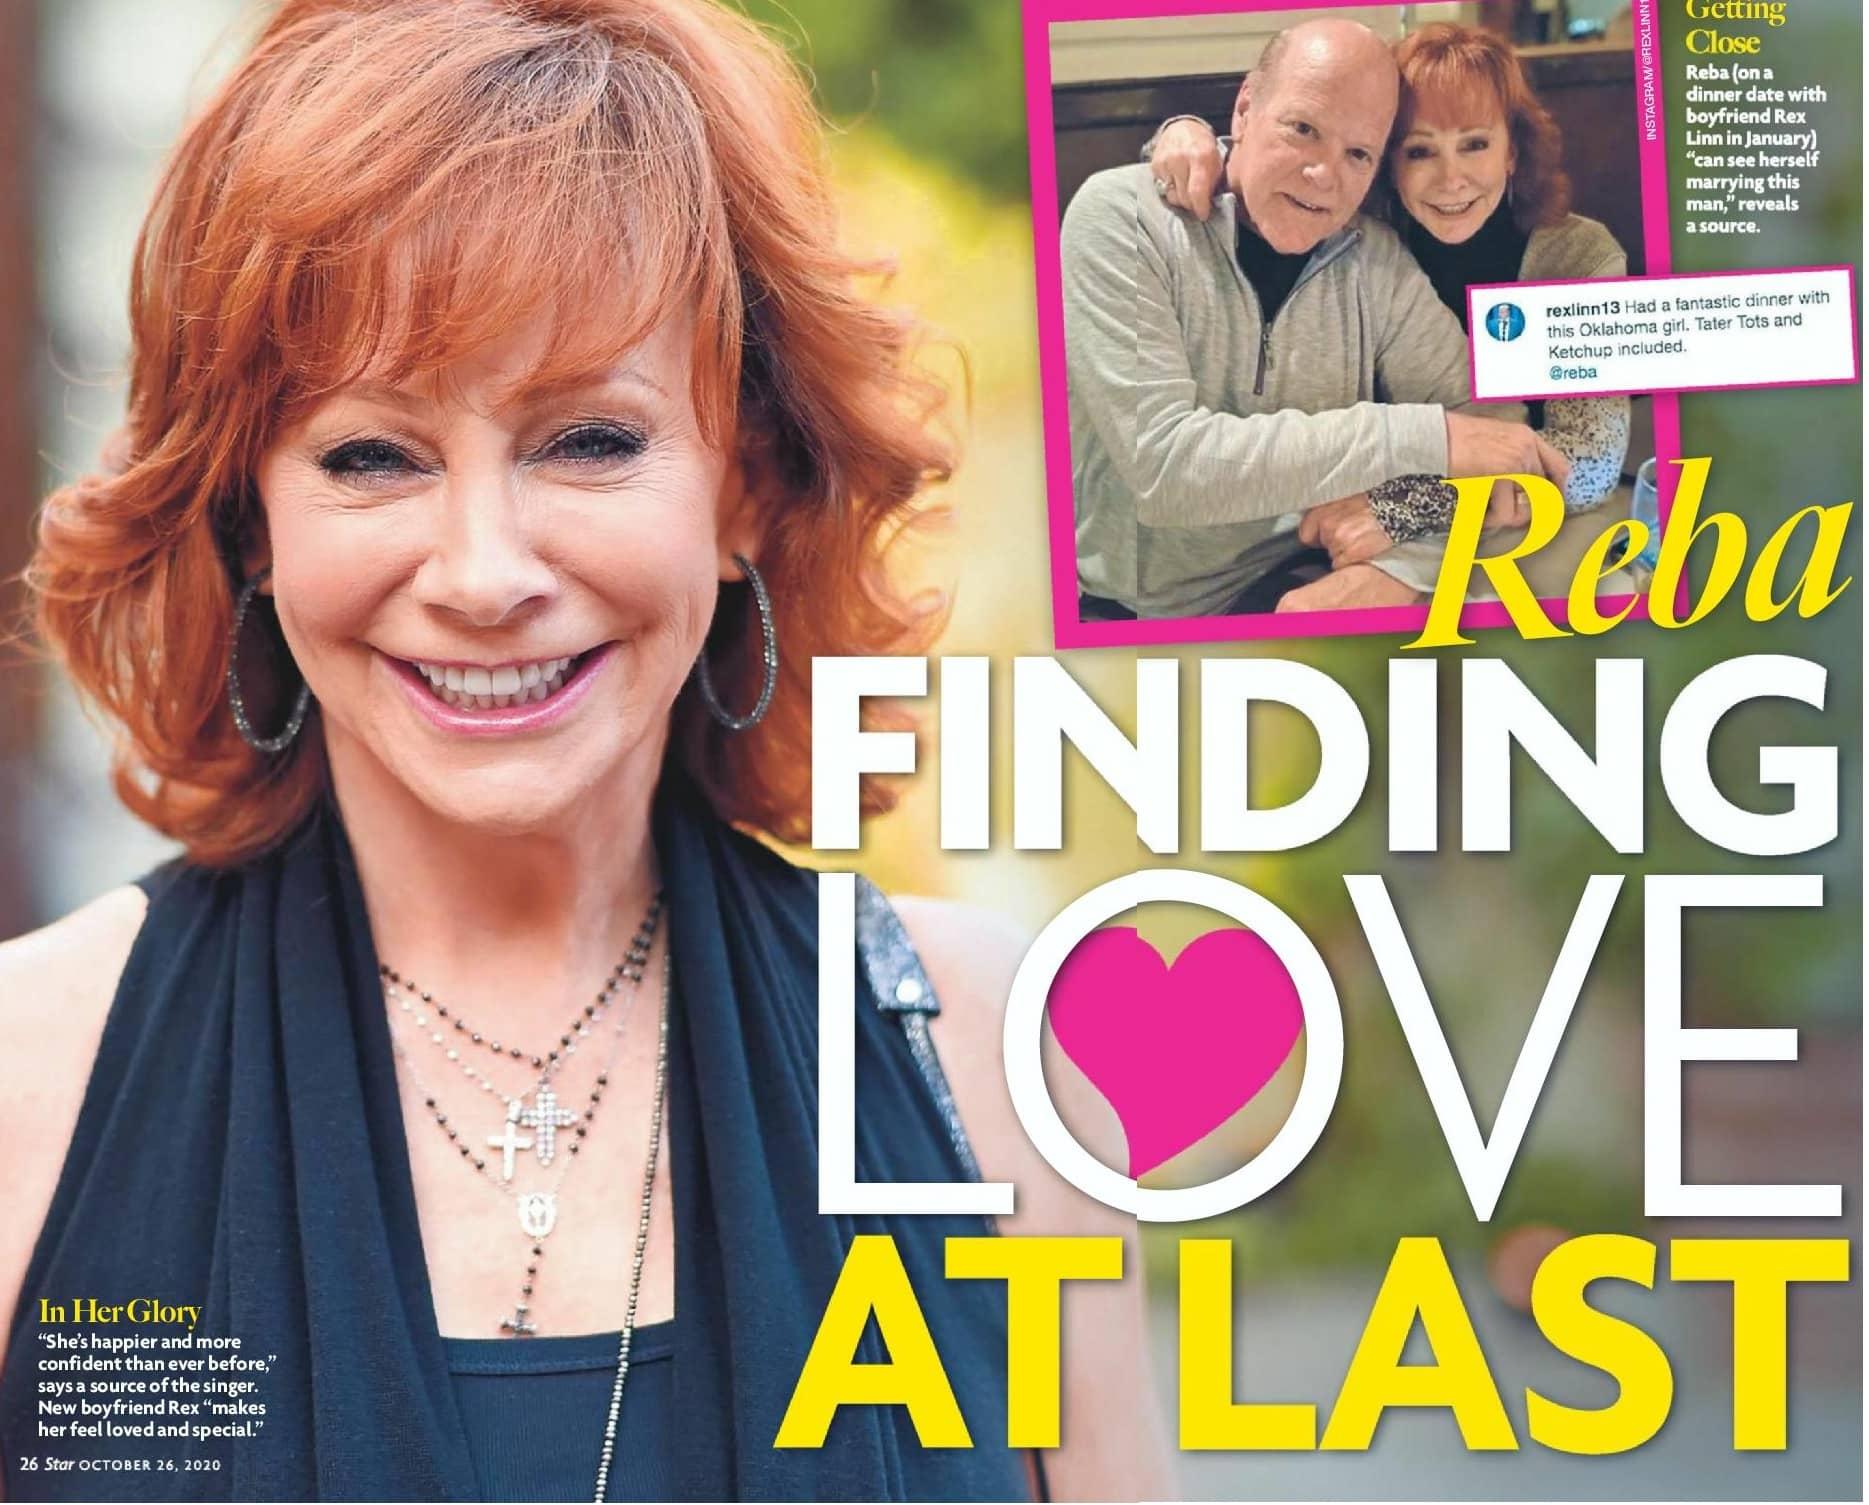 Reba FINDING LOVE AT LAST